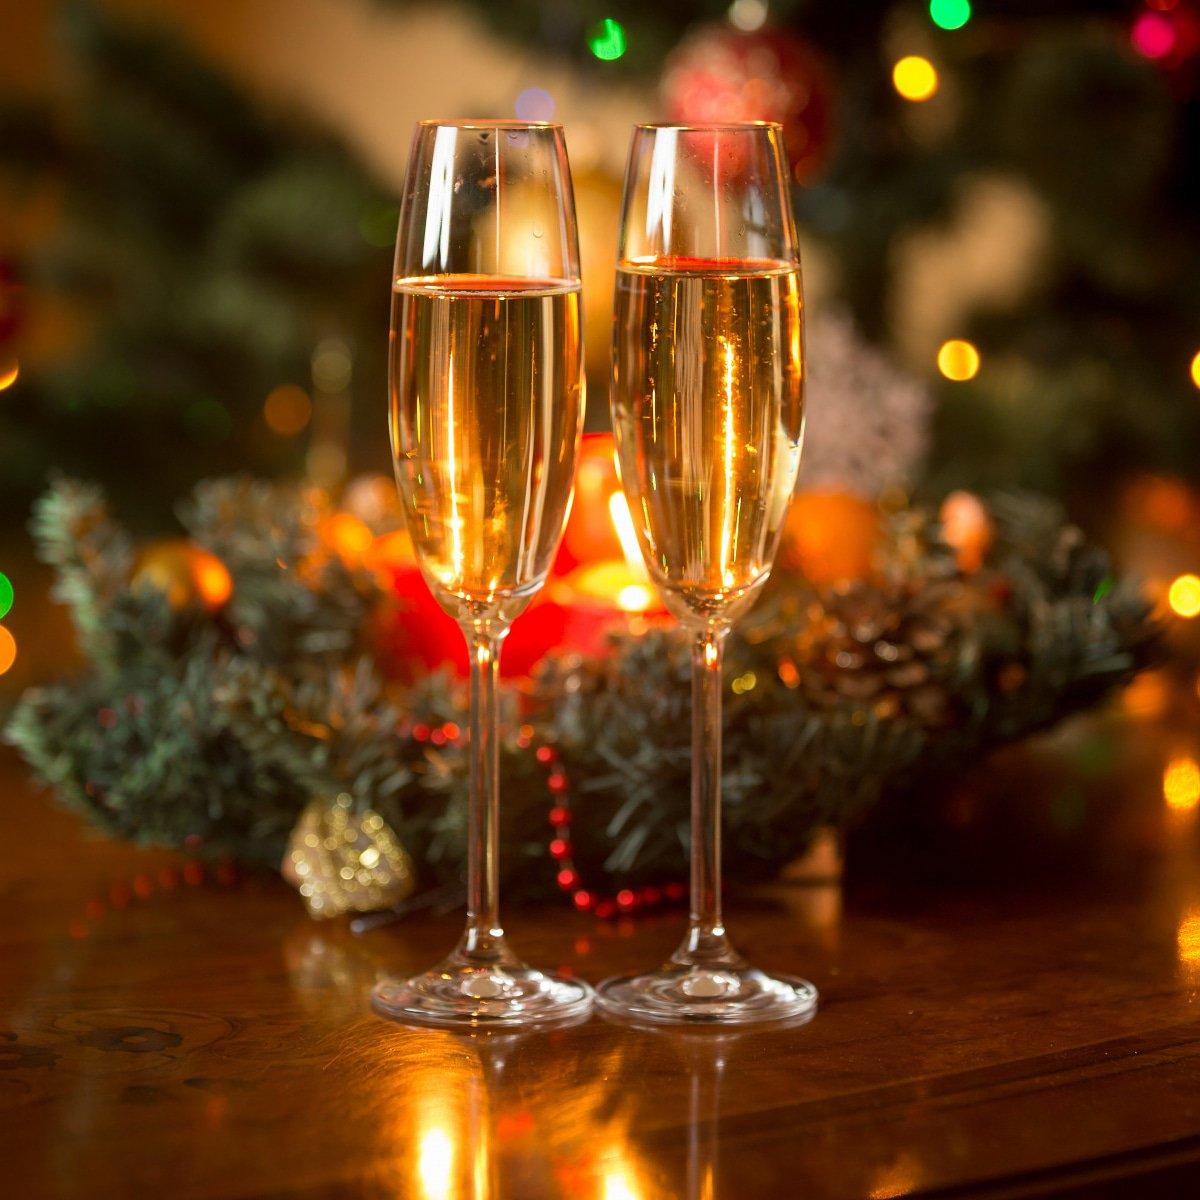 открытка два бокала шампанского с новым годом фото мужчин